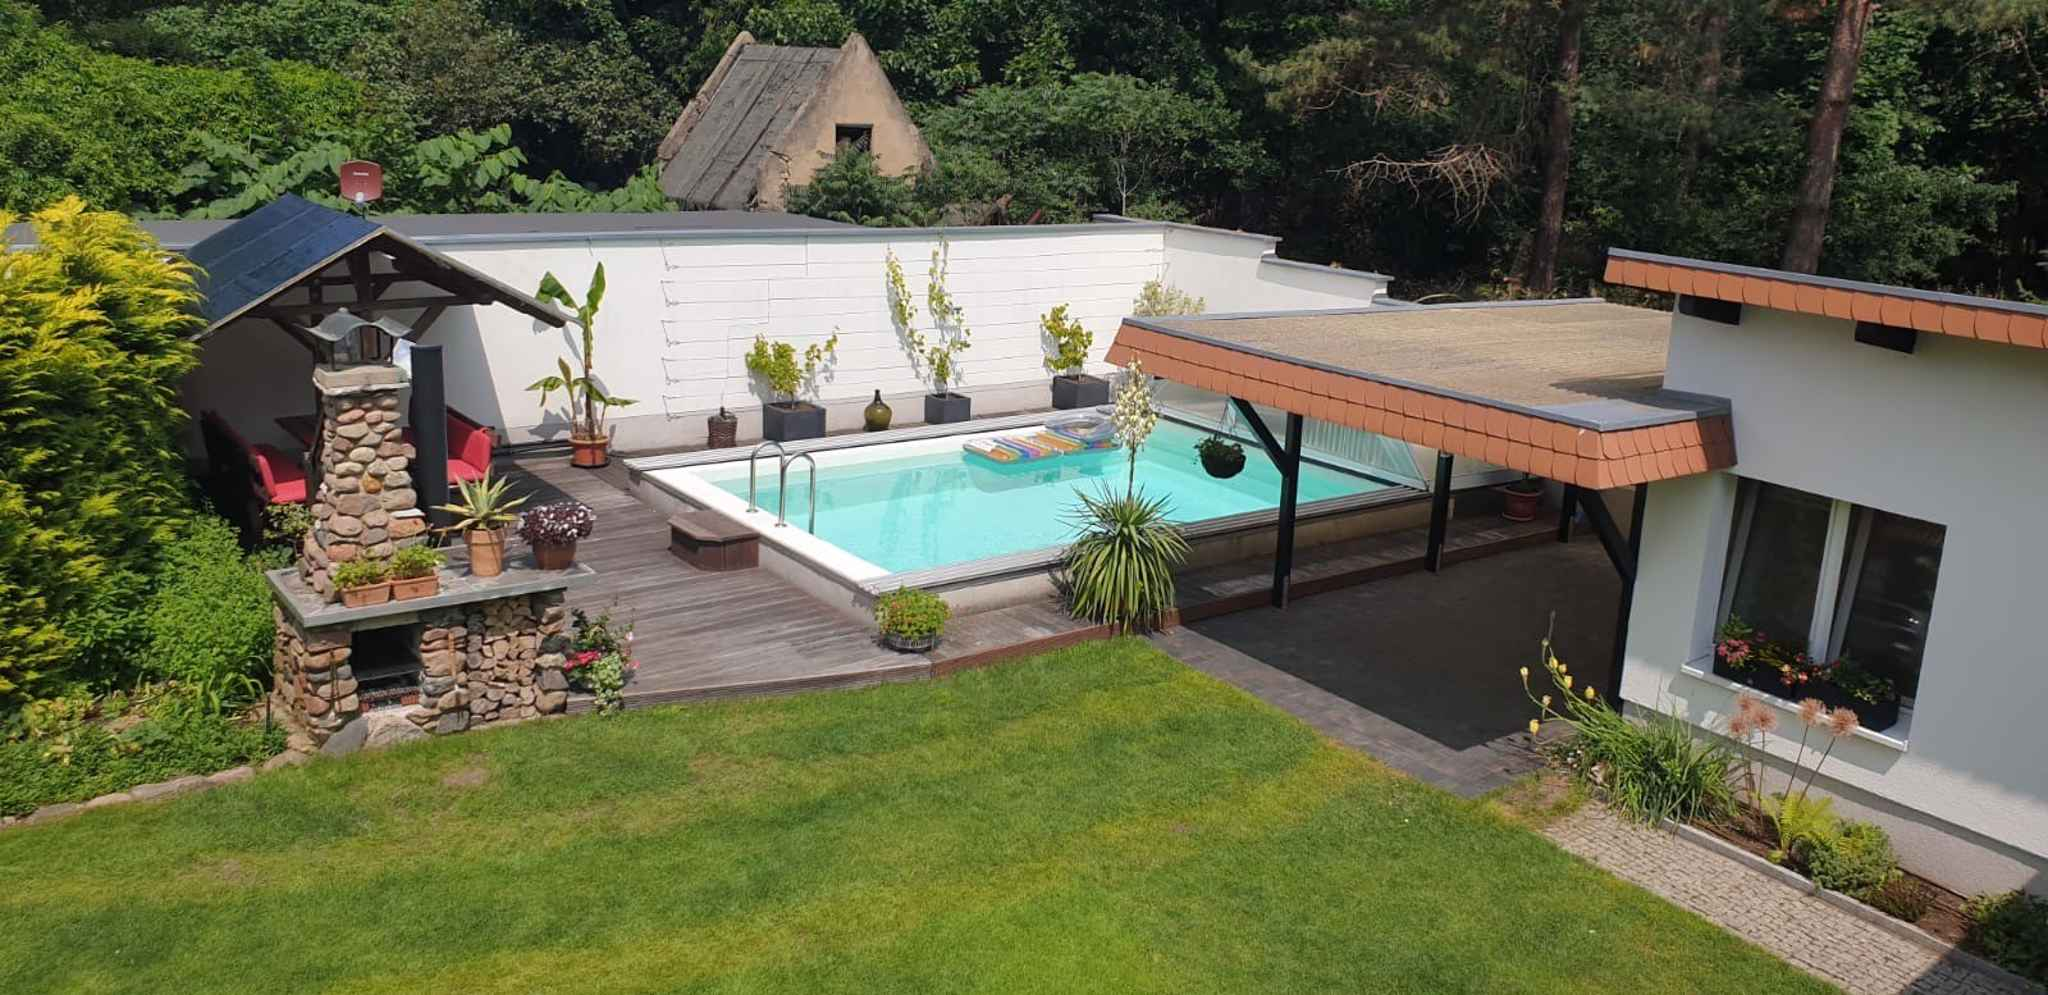 Ferienhaus gemütlich eingerichtet mit Pool un